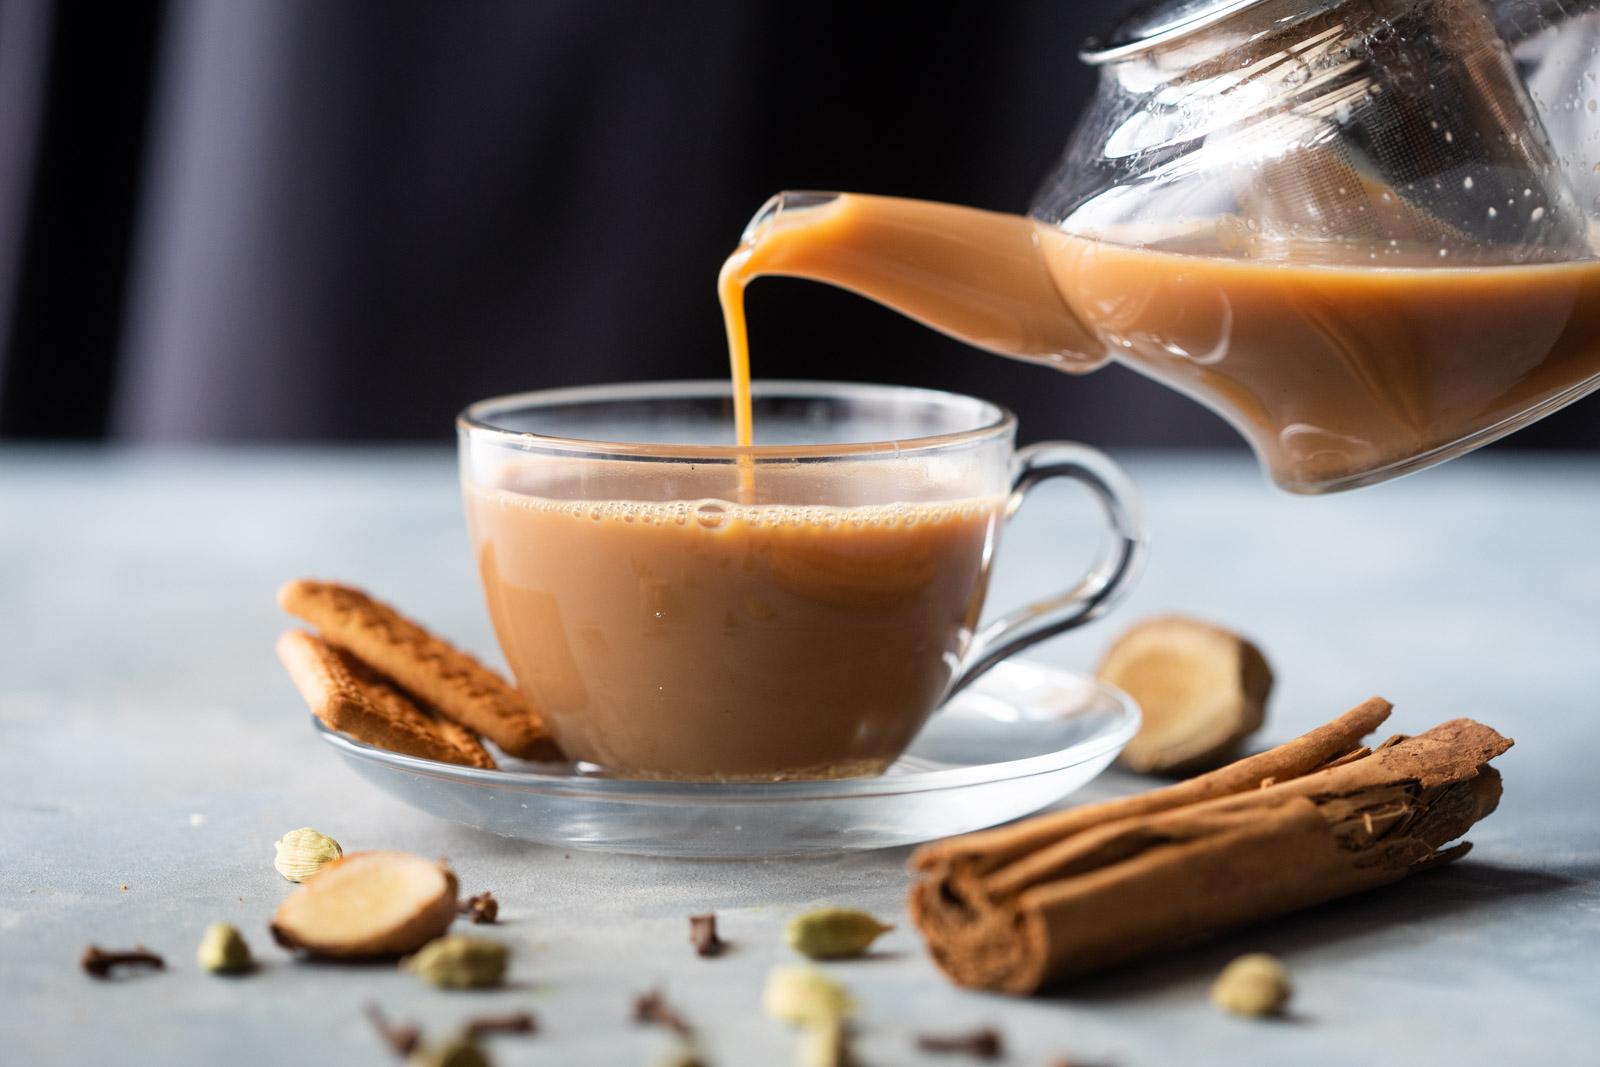 trà sữa giảm cân hiệu quả mà không ảnh hưởng đến sức khoẻ